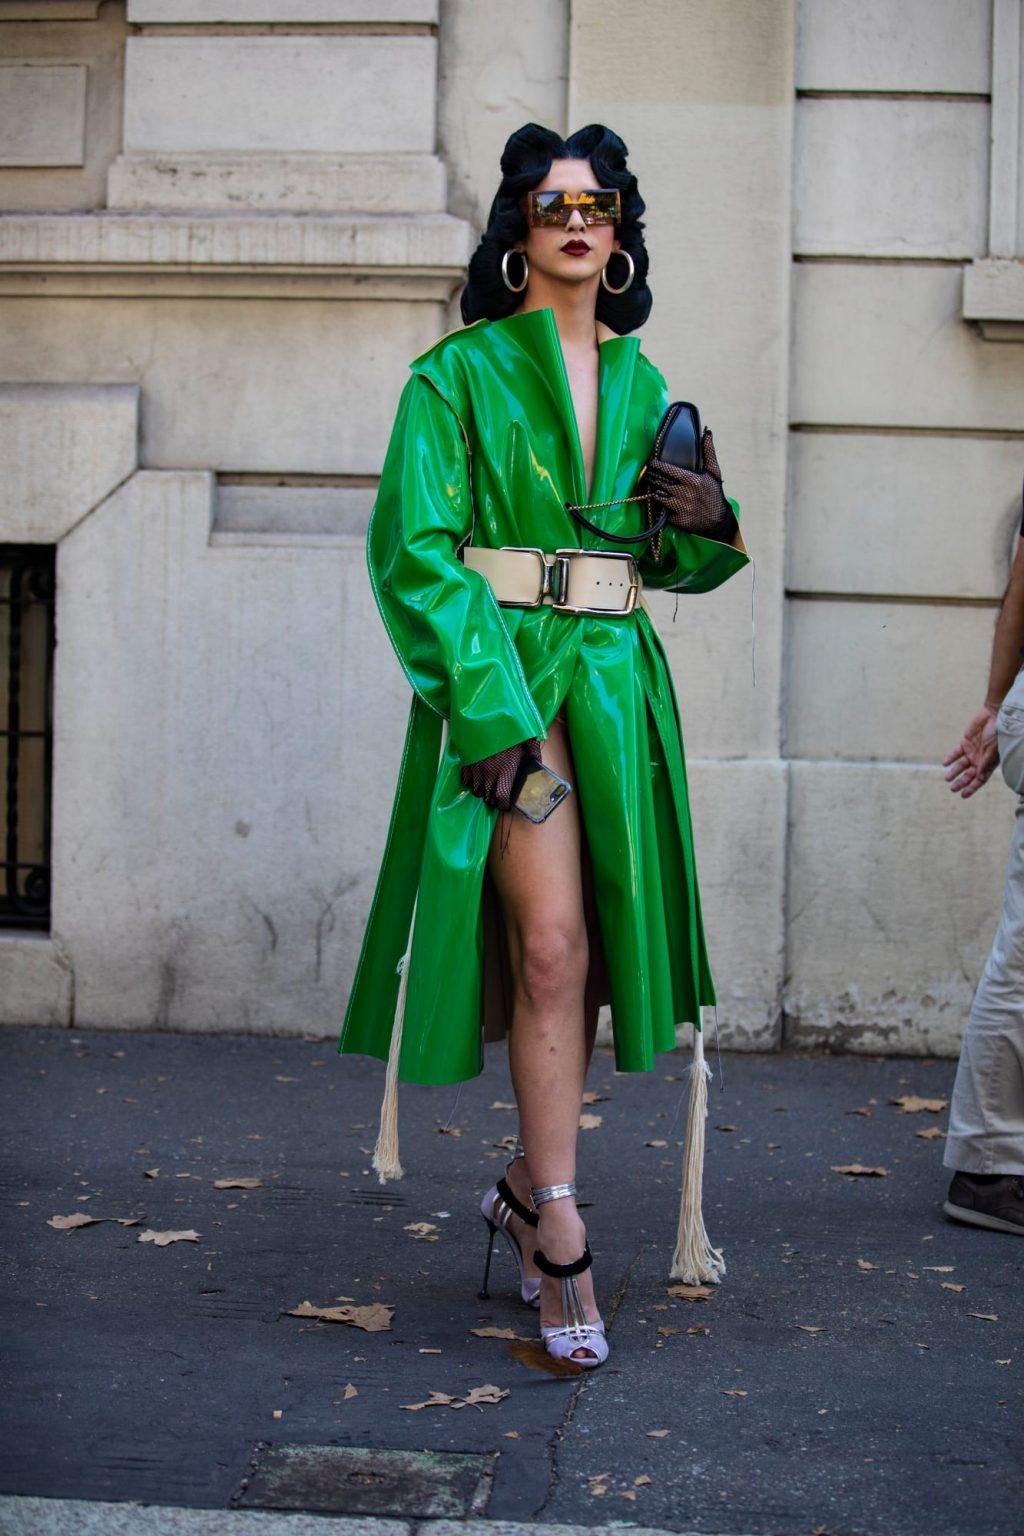 street style tuần lễ thời trang màu sắc nổi bật 2